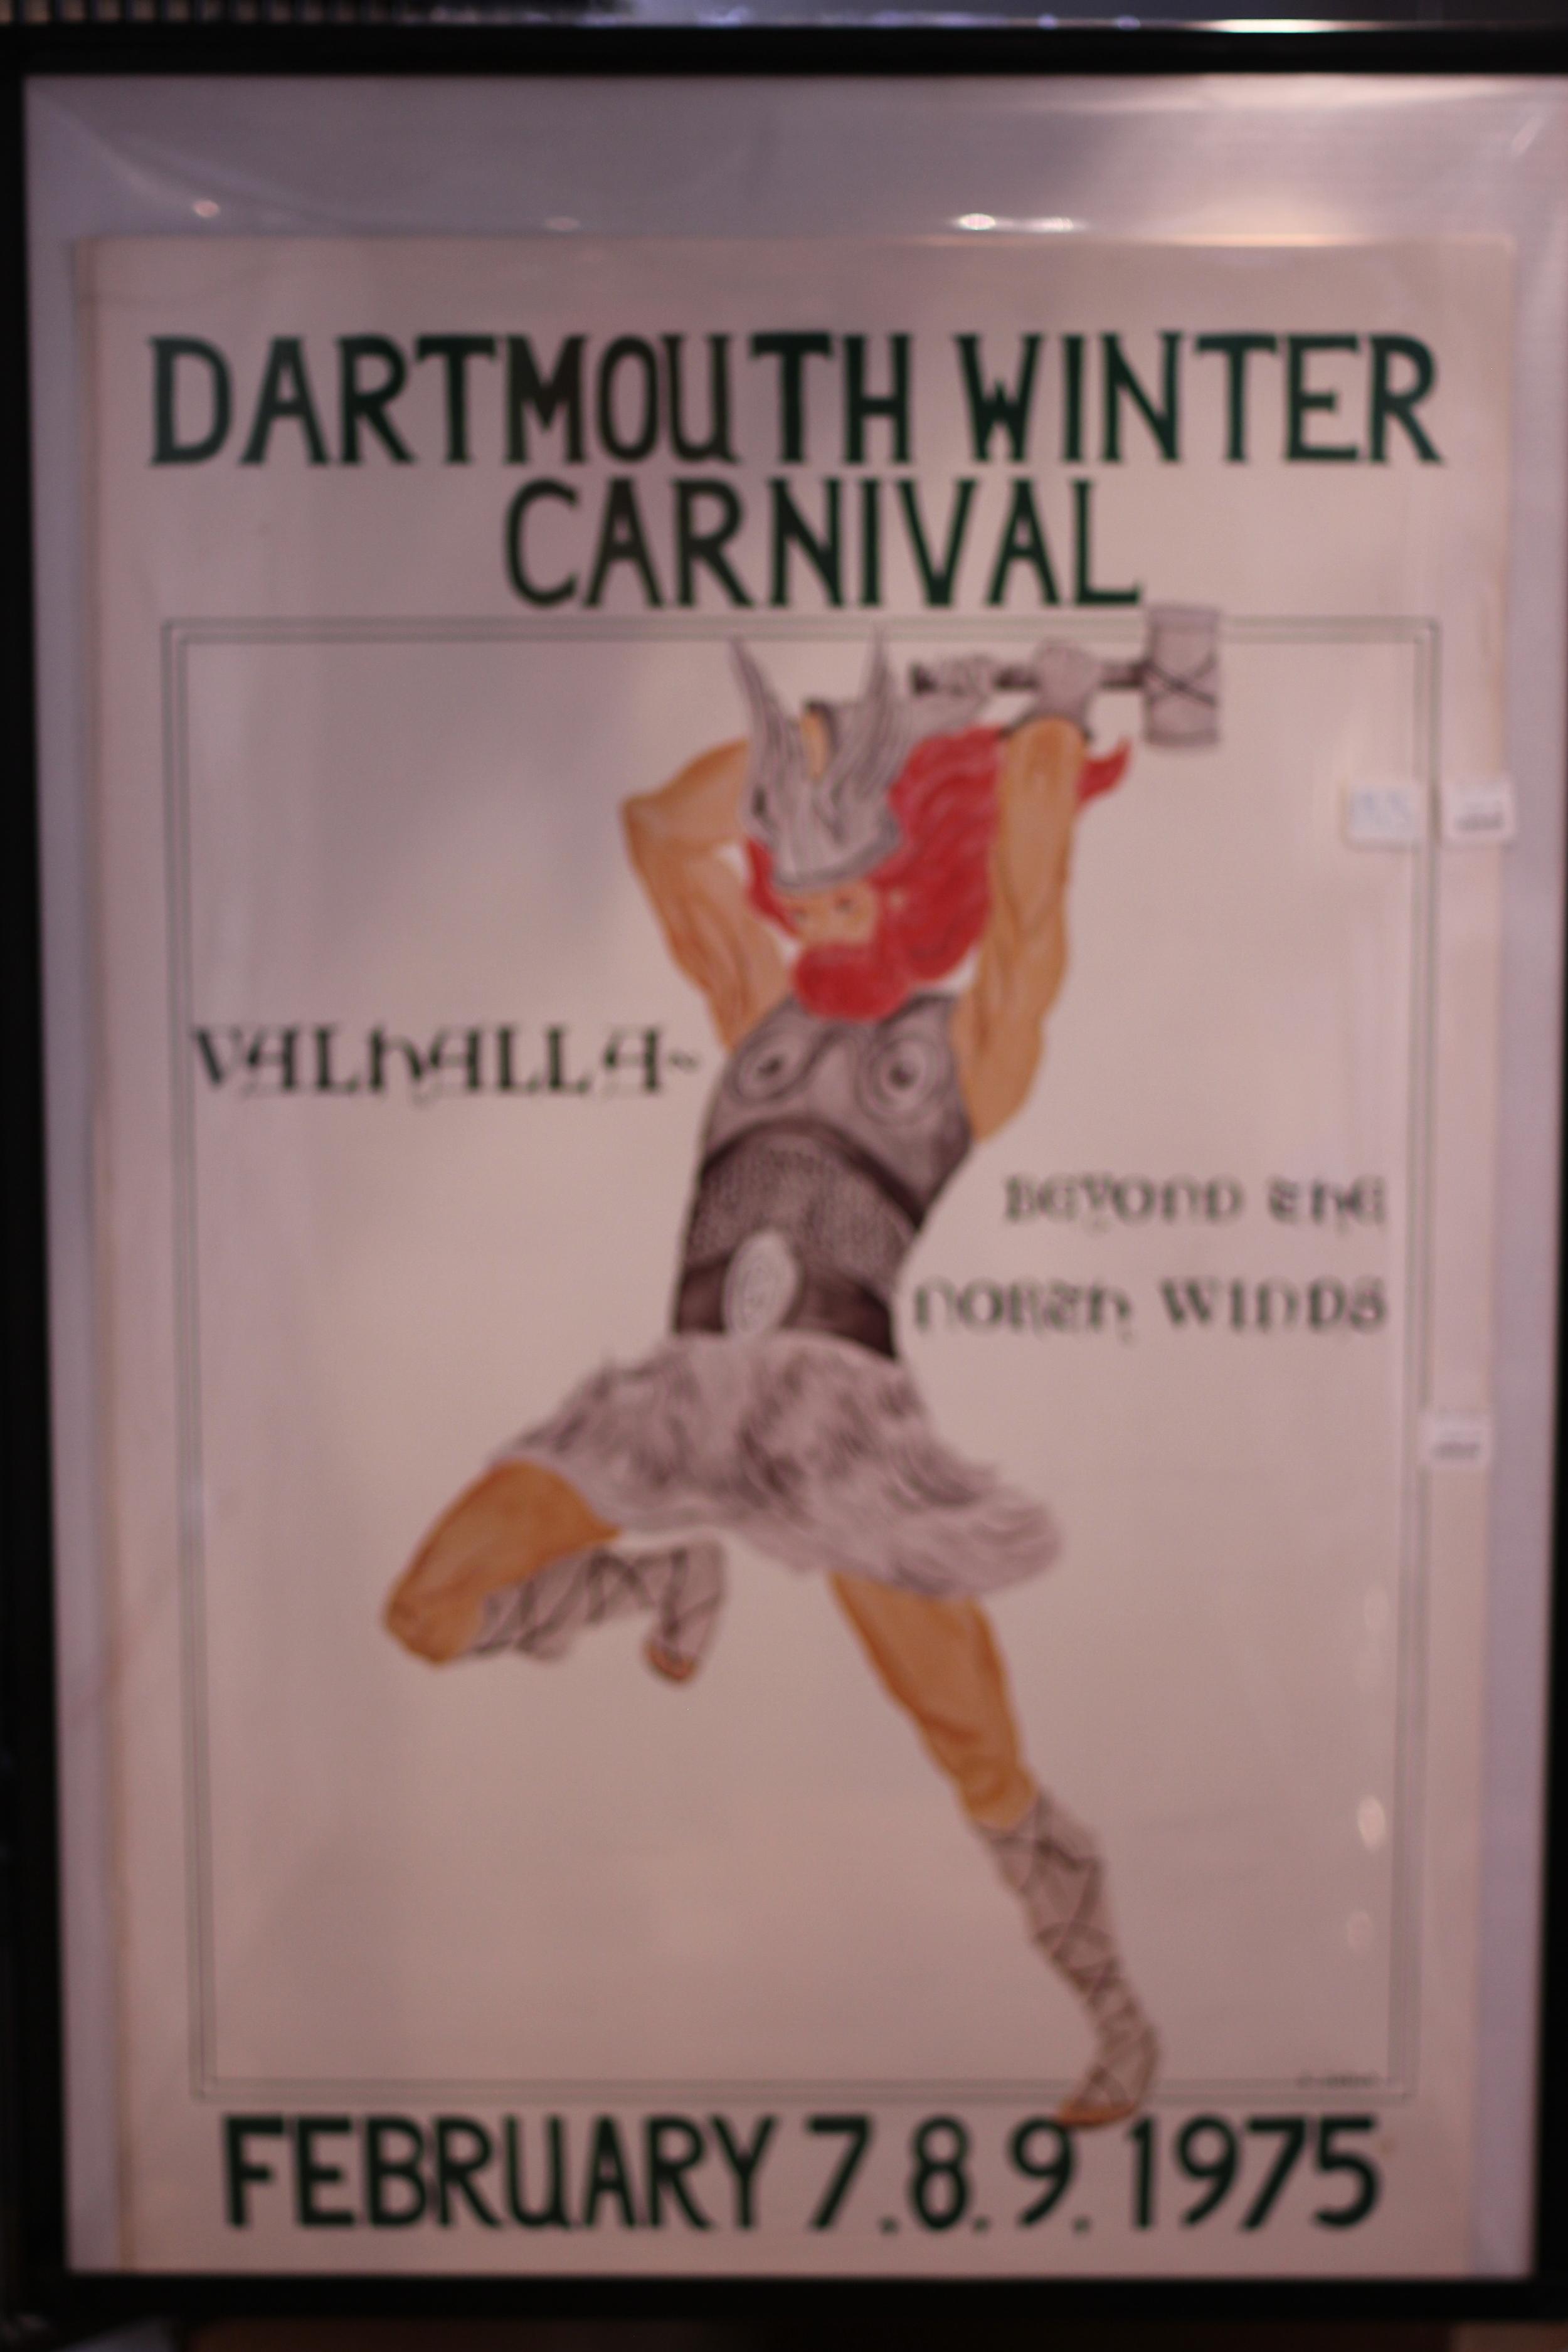 Dartmouth Winter Carnival 1975